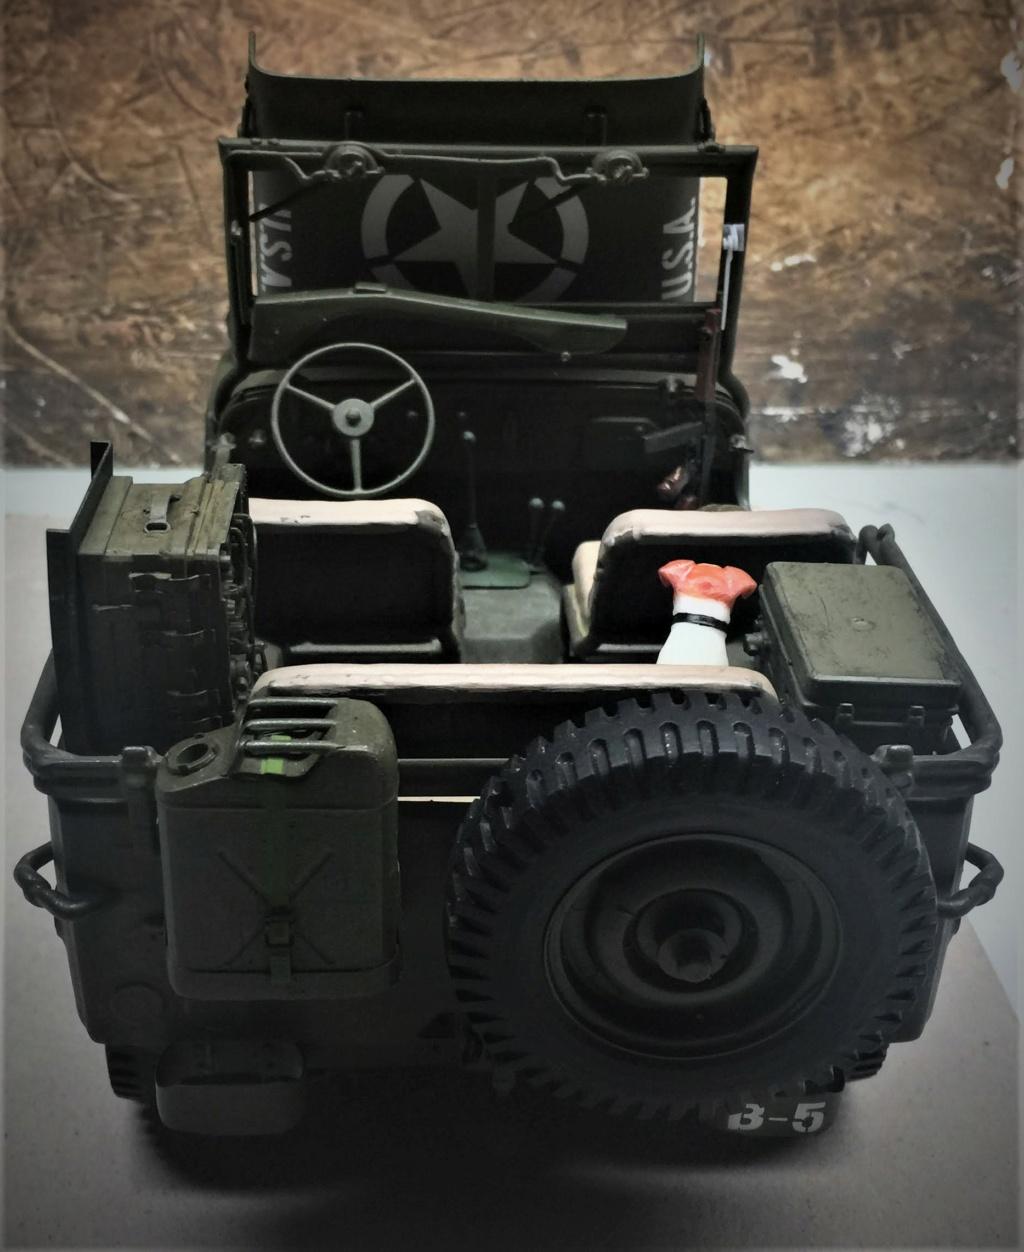 Jeep Willys en résine 3D au 1/24 et au 1/12 avec épave ( deuxième partie et fin au 1/24 ) - Page 30 Img_7219